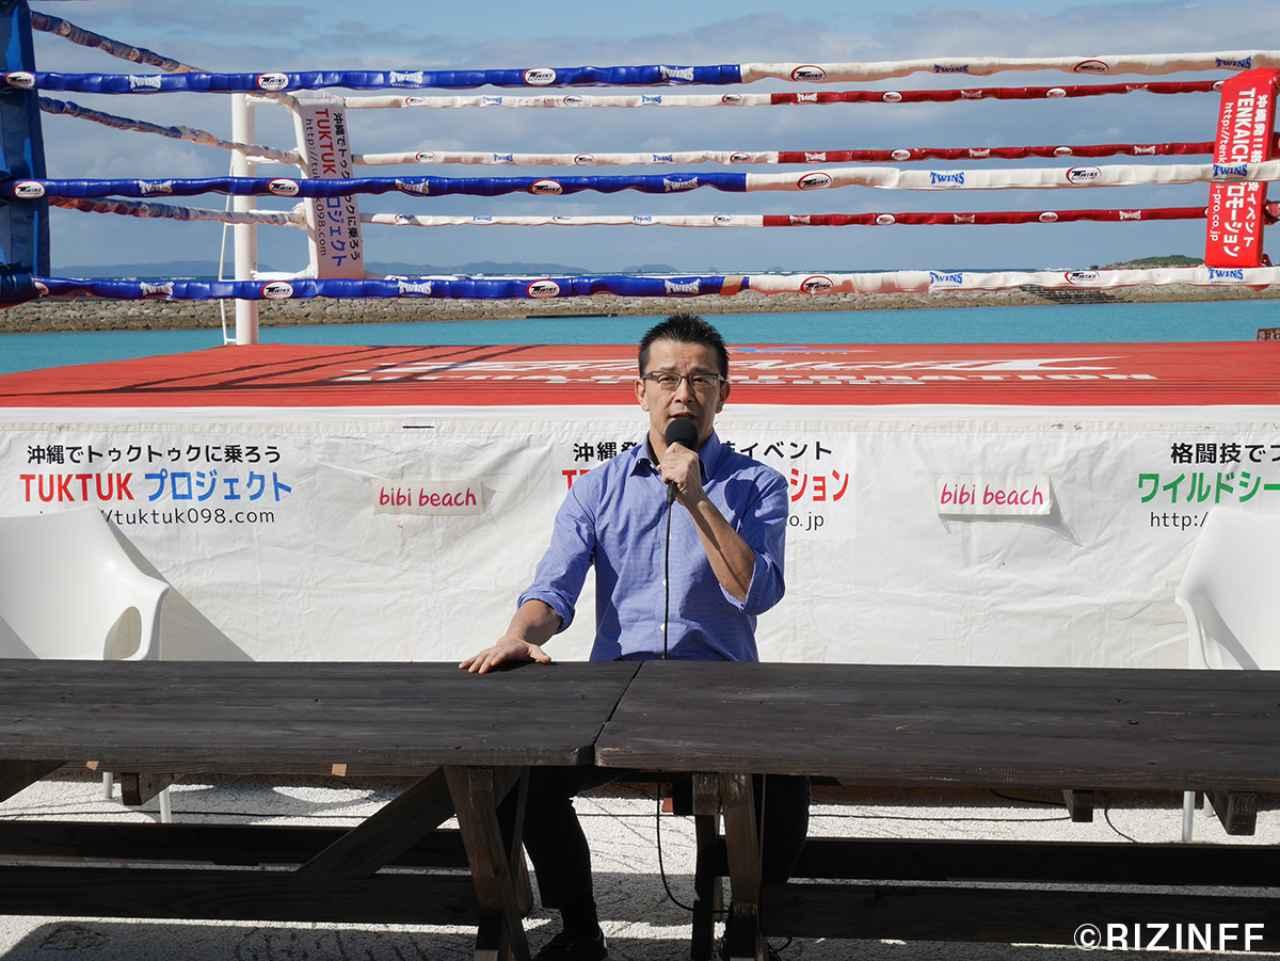 画像1: 12月18日会見レポート~ヒョードルの対戦相手がシング・心・ジャディブに決定!